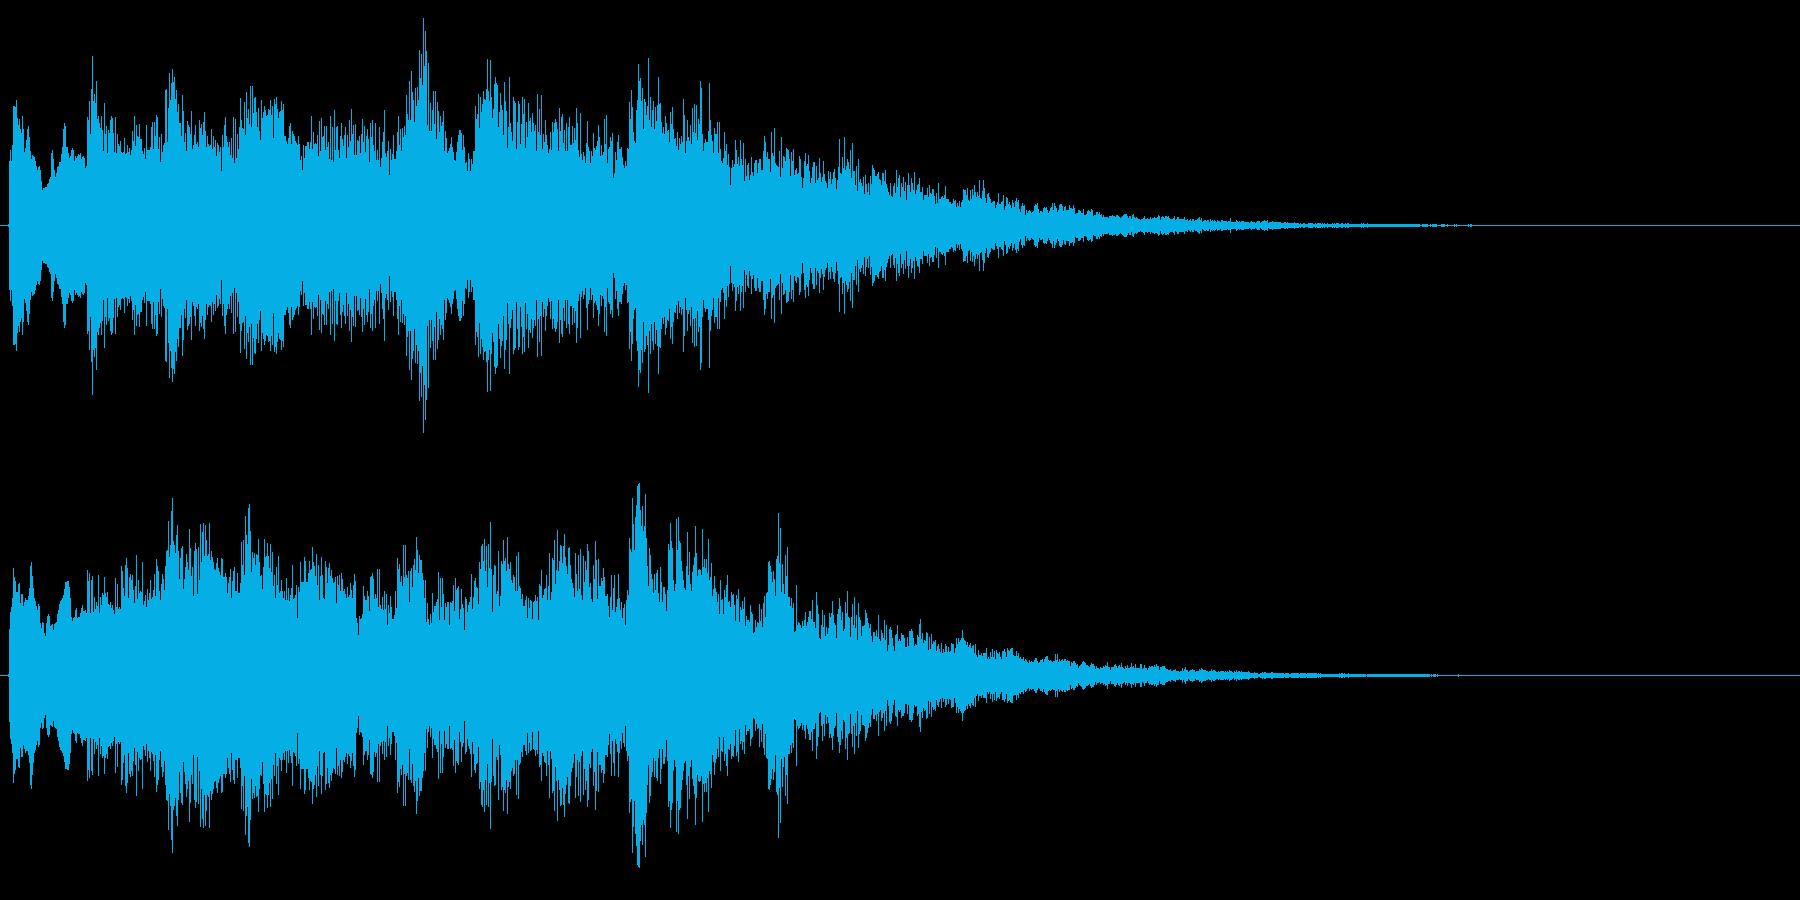 ベル系の転回音 優しい音 サウンドロゴの再生済みの波形